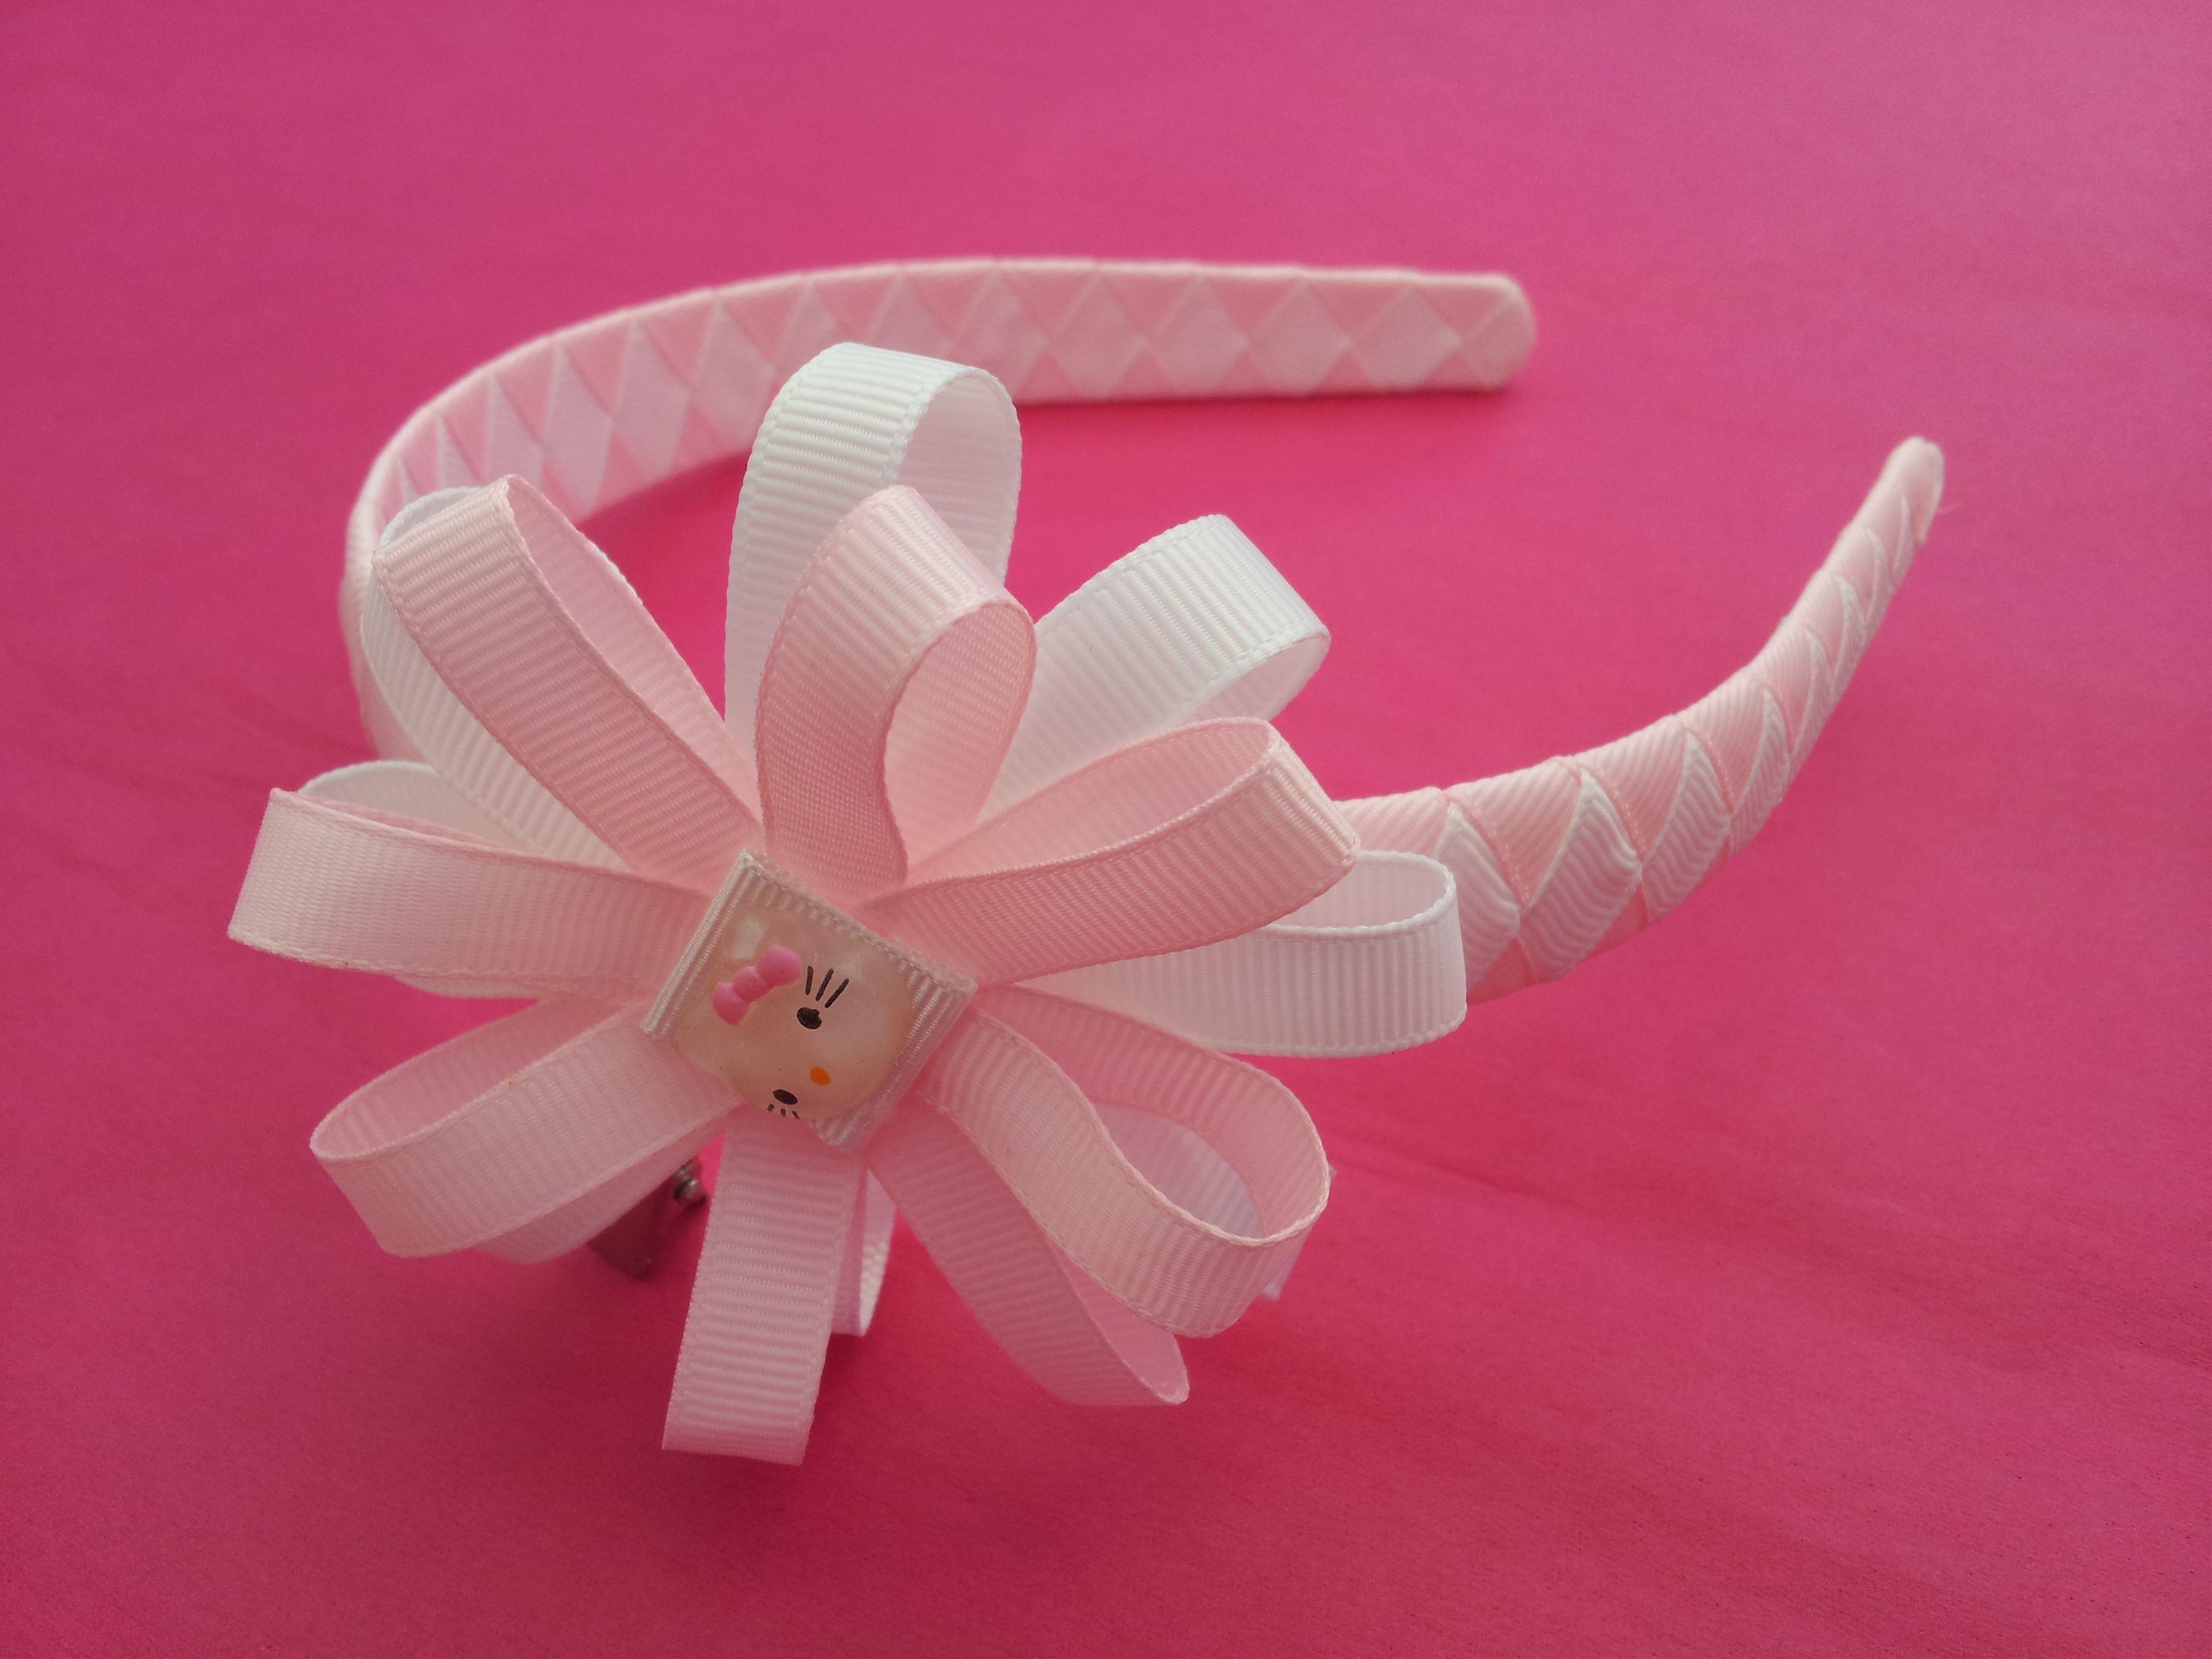 """10 BLESSING Good Girl 8 Inch ABC Hair Bow Clip 2.5/"""" Grosgrain Ribbon 79 No."""